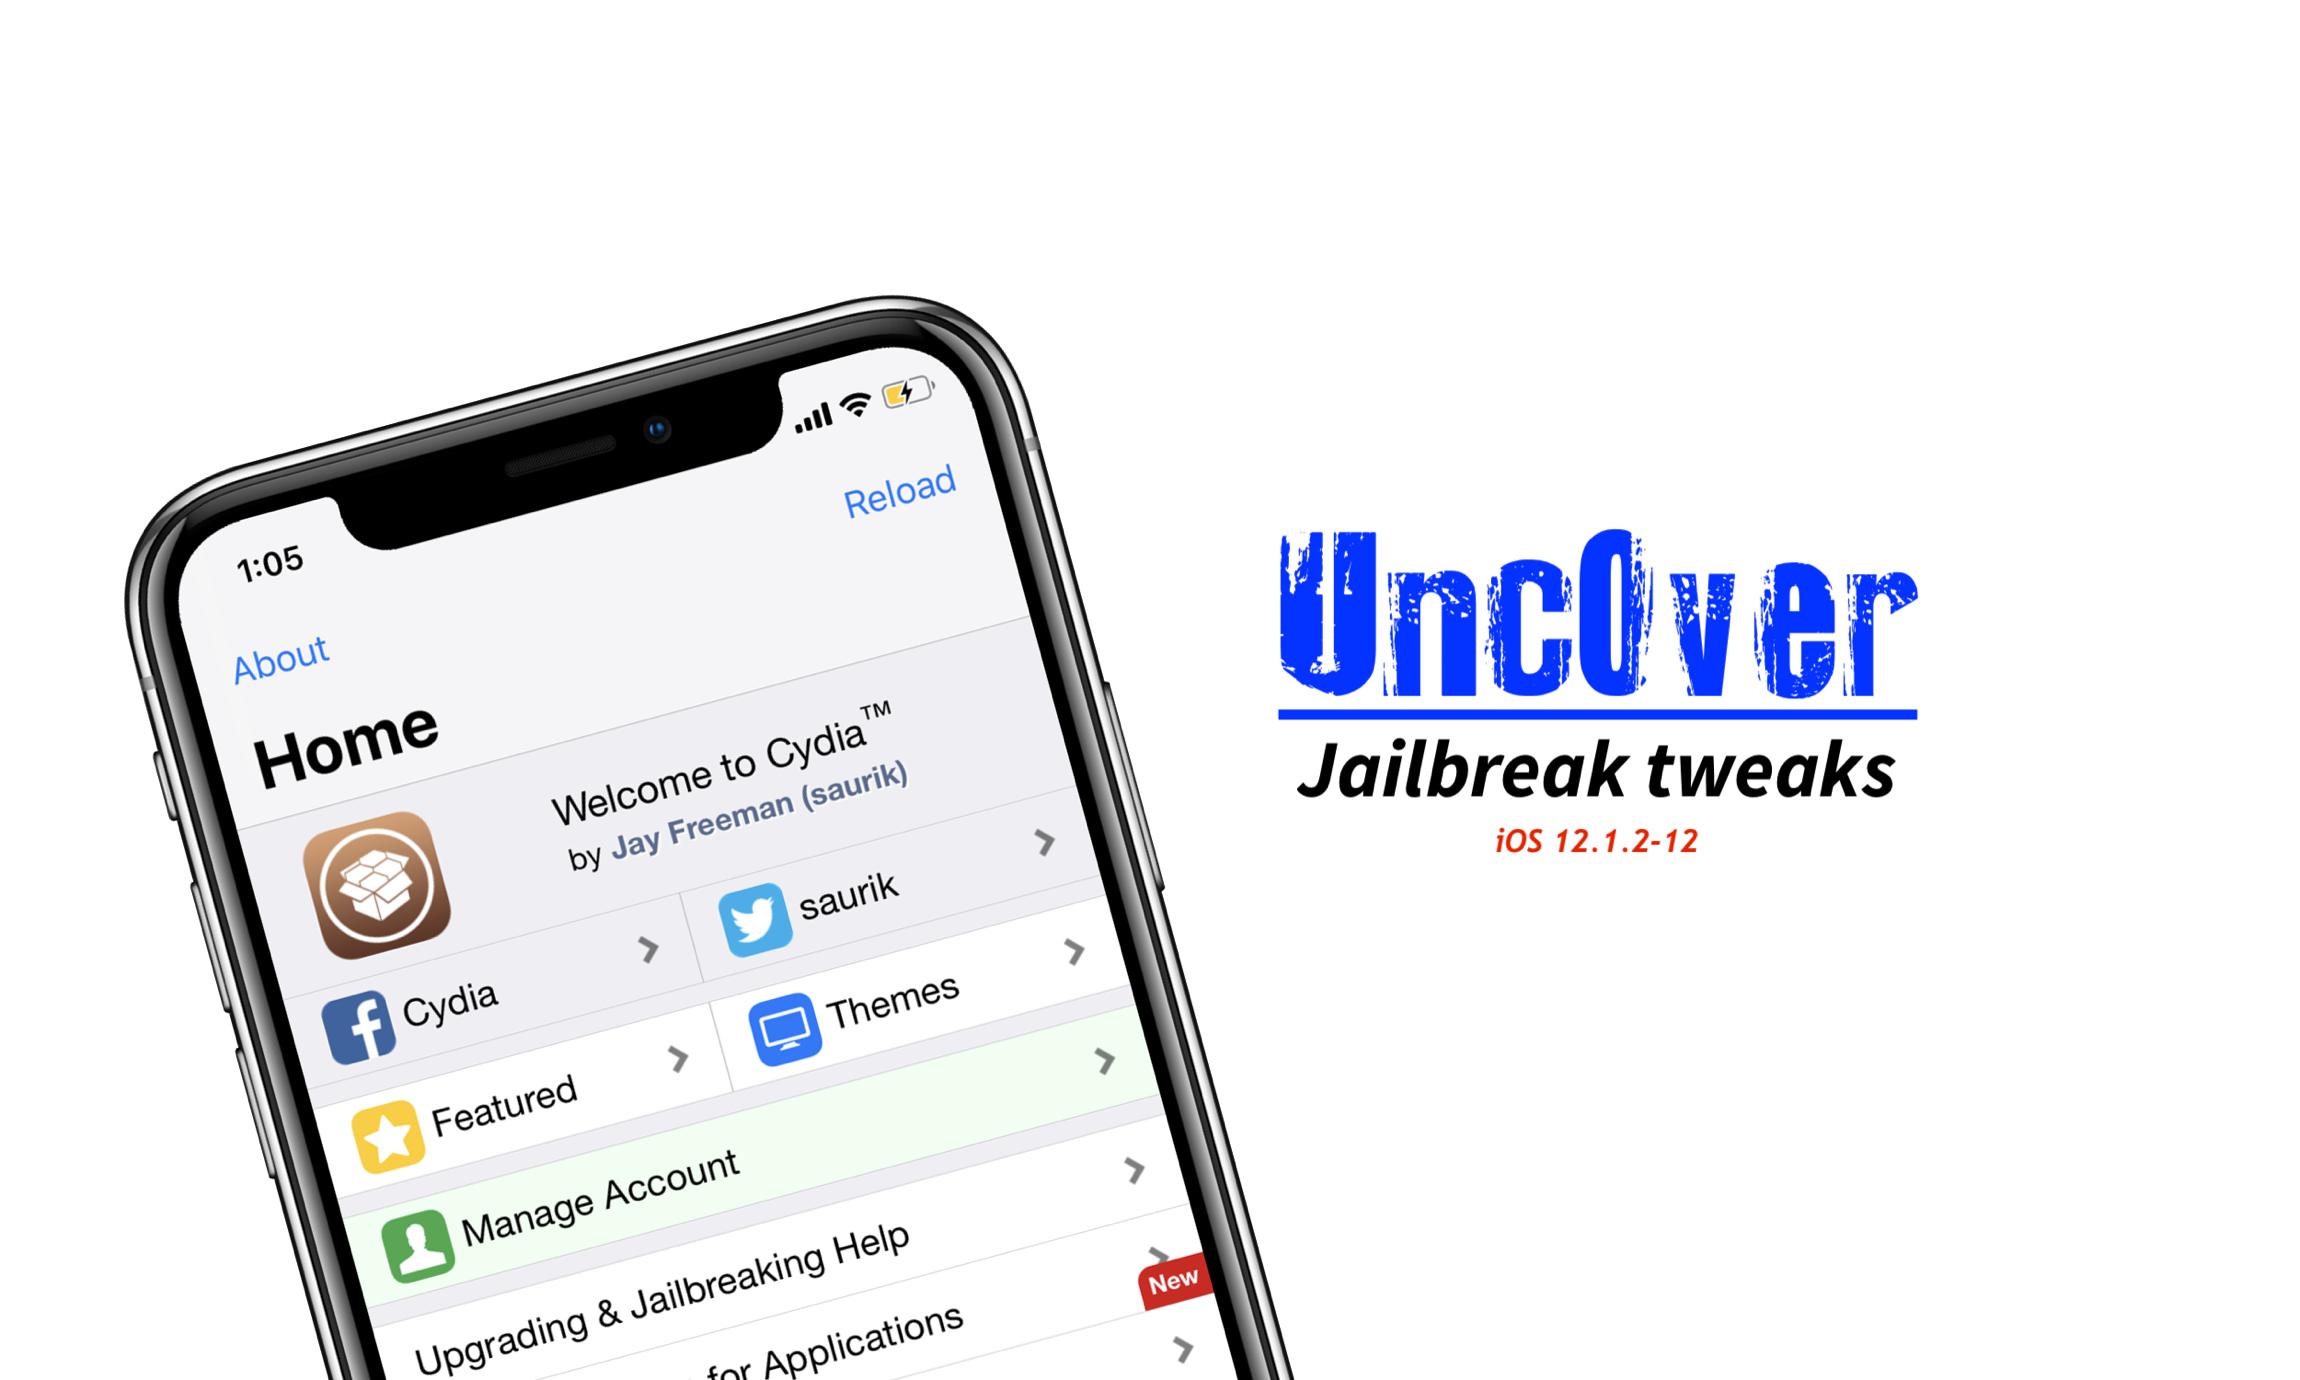 Unc0ver-jailbreak-tweaks-ios-12